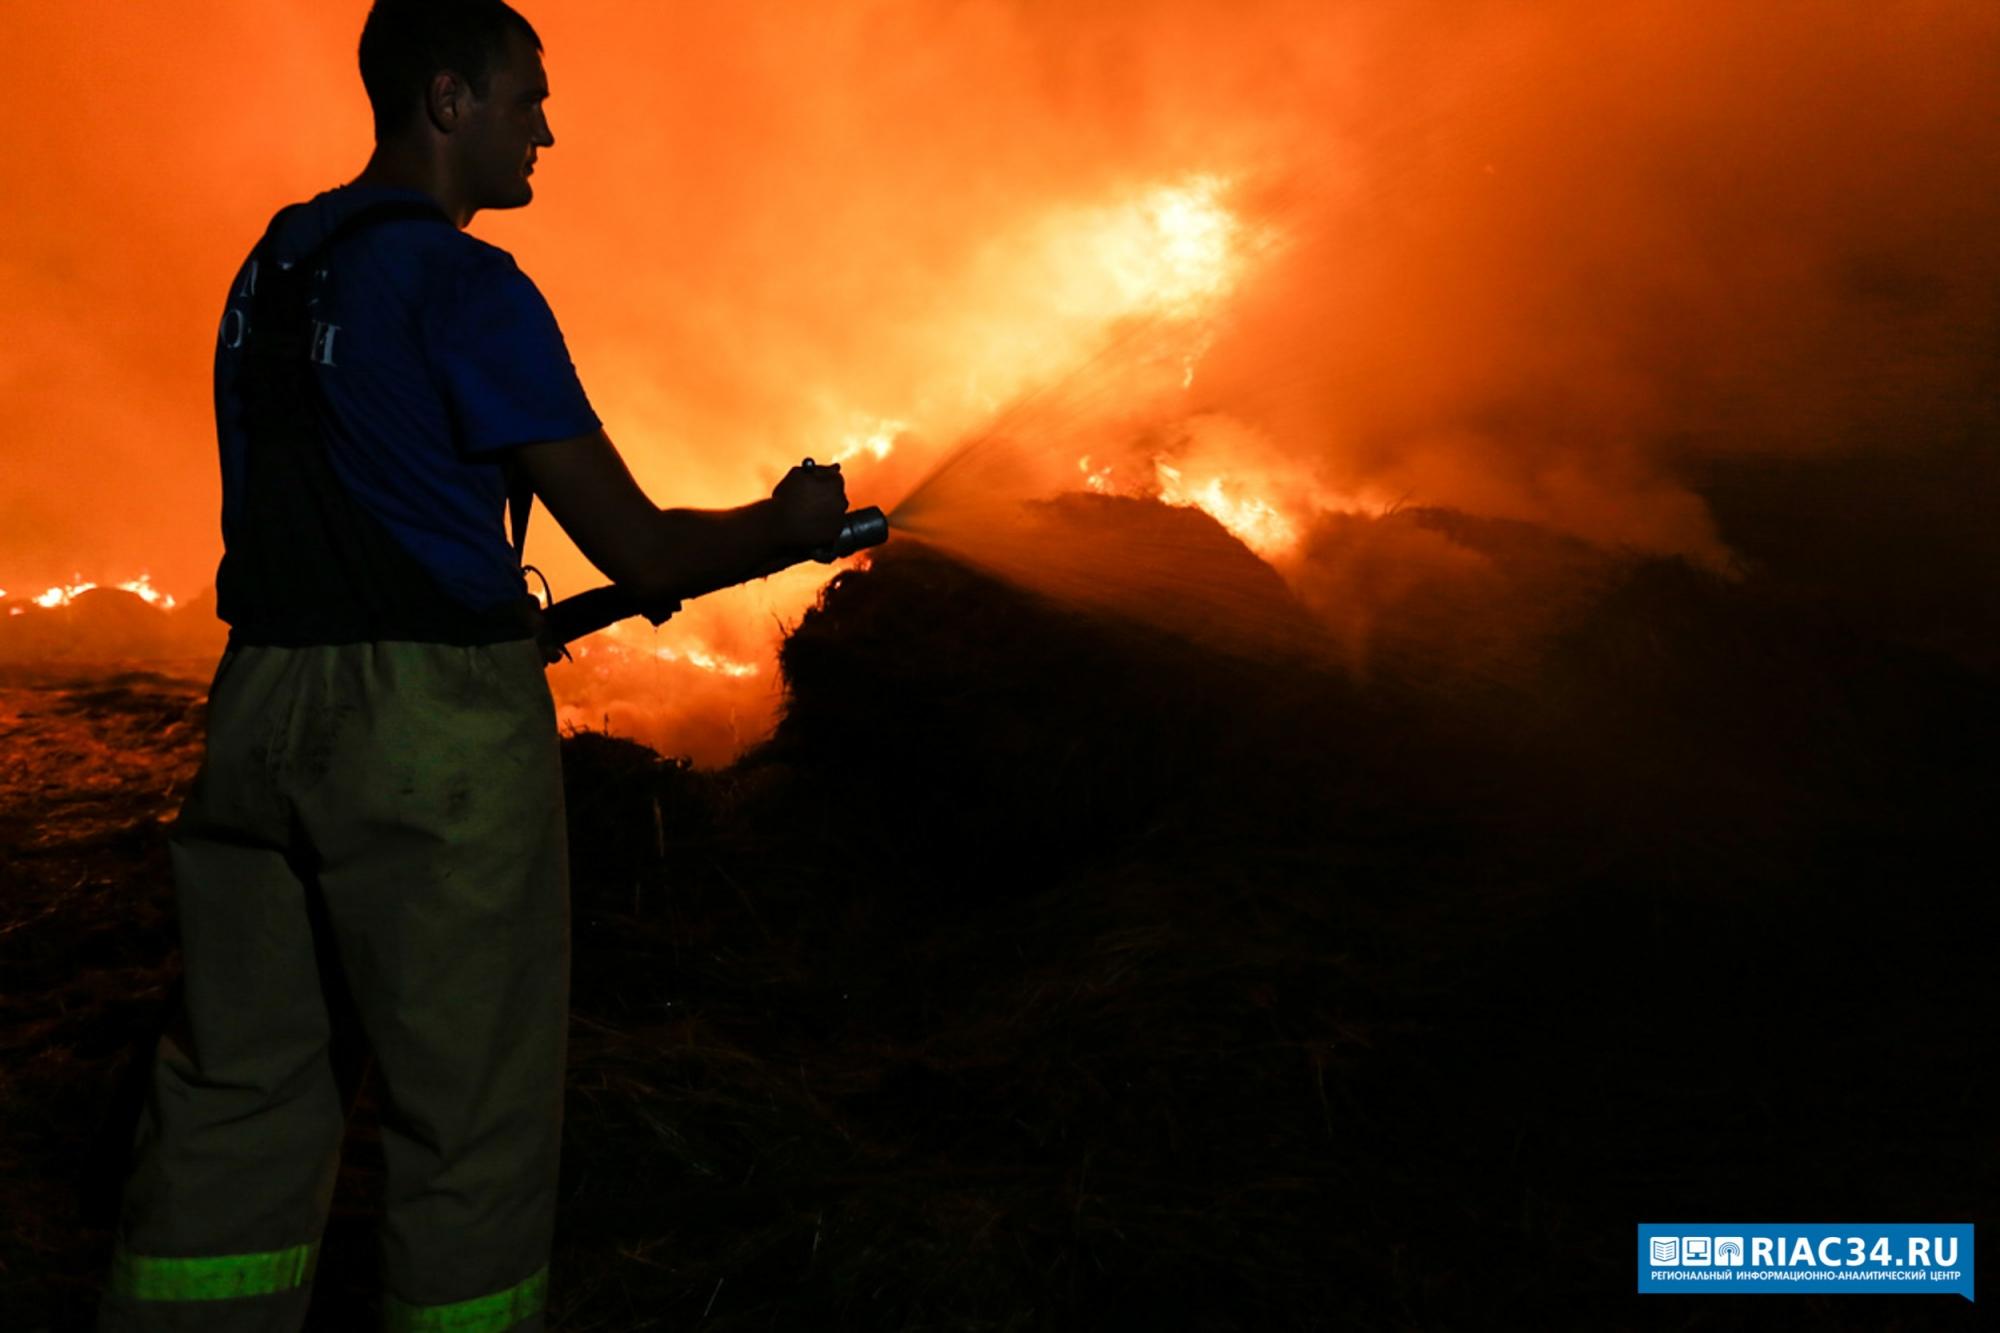 Кошмарный пожар вПереславском районе: мужчина сгорел в своем доме